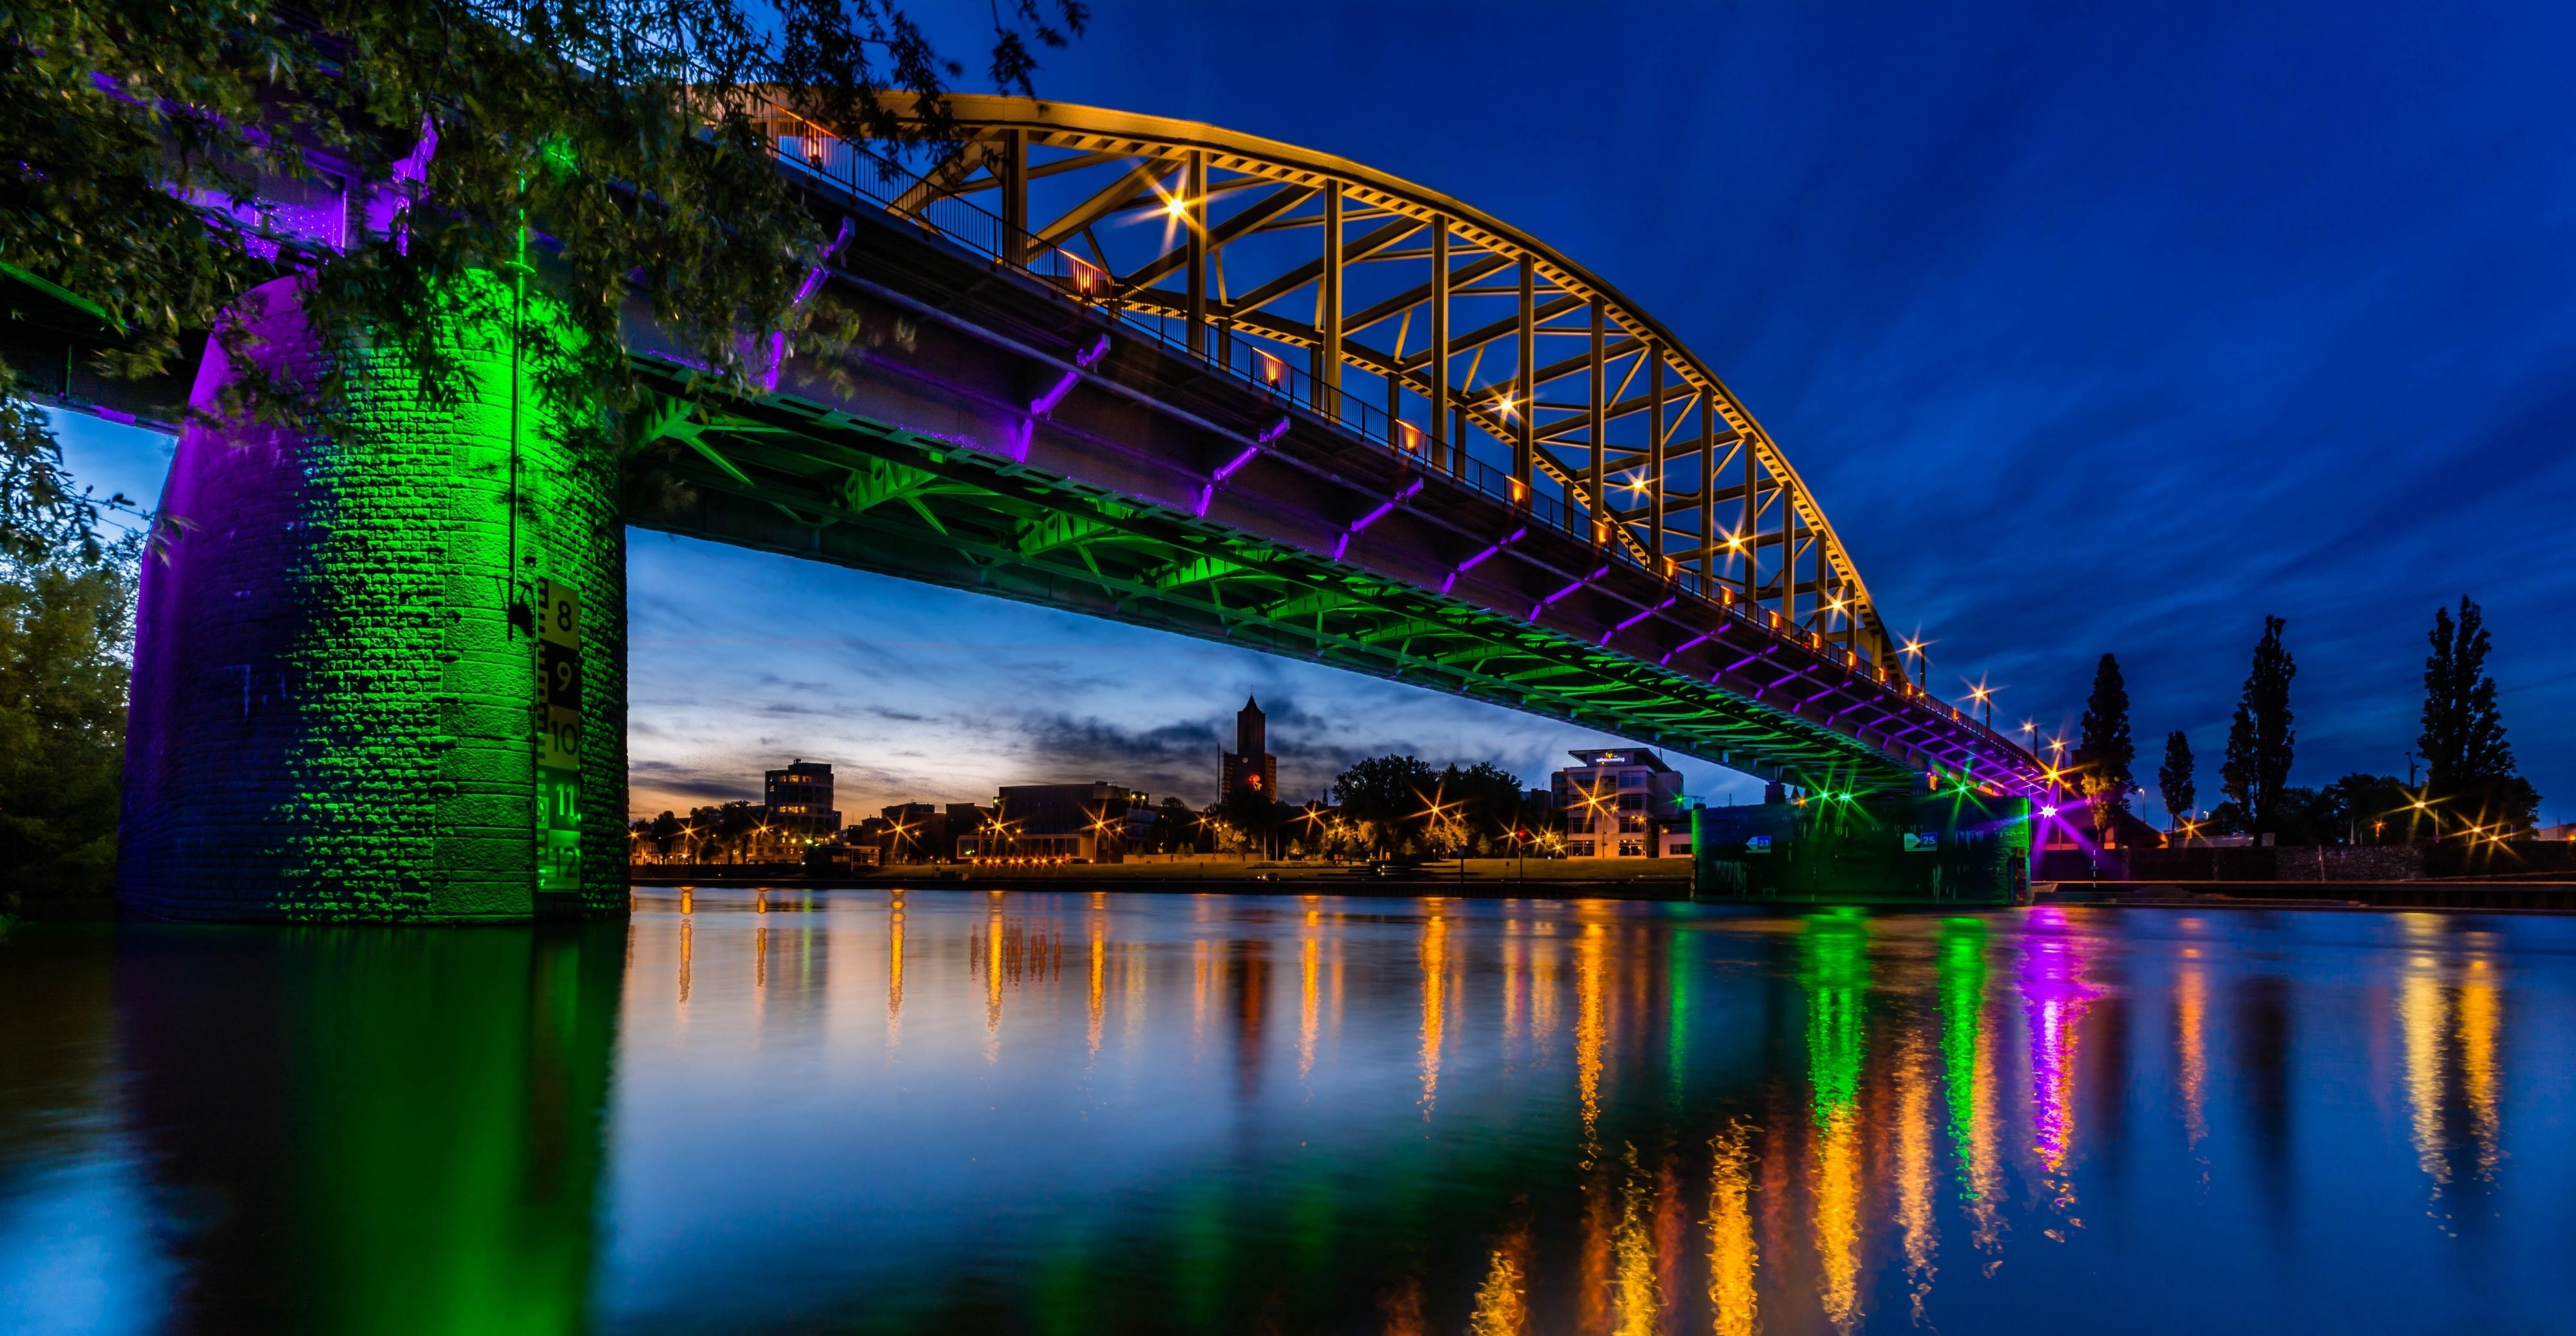 природа страны архитектура ночь река город мост  № 806720 загрузить